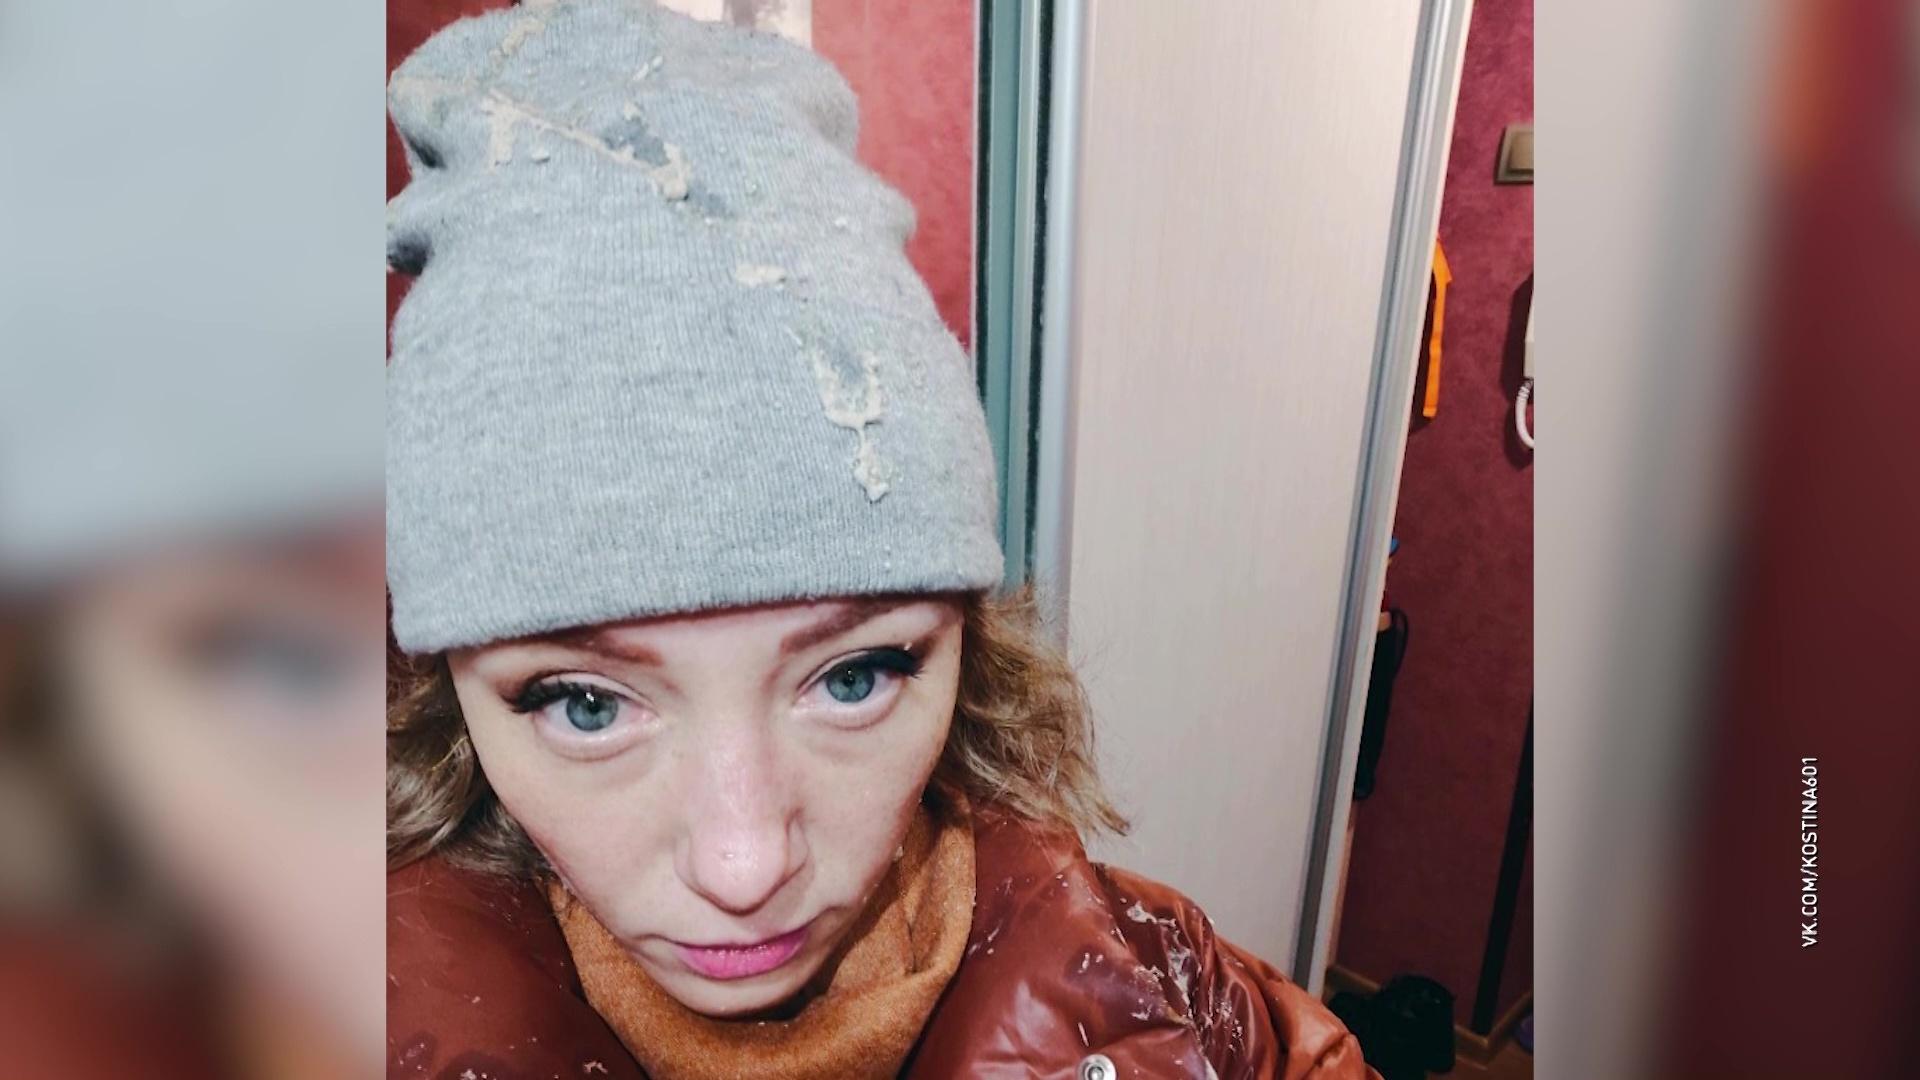 В управдоме прокомментировали падение козырька подъезда на ярославну